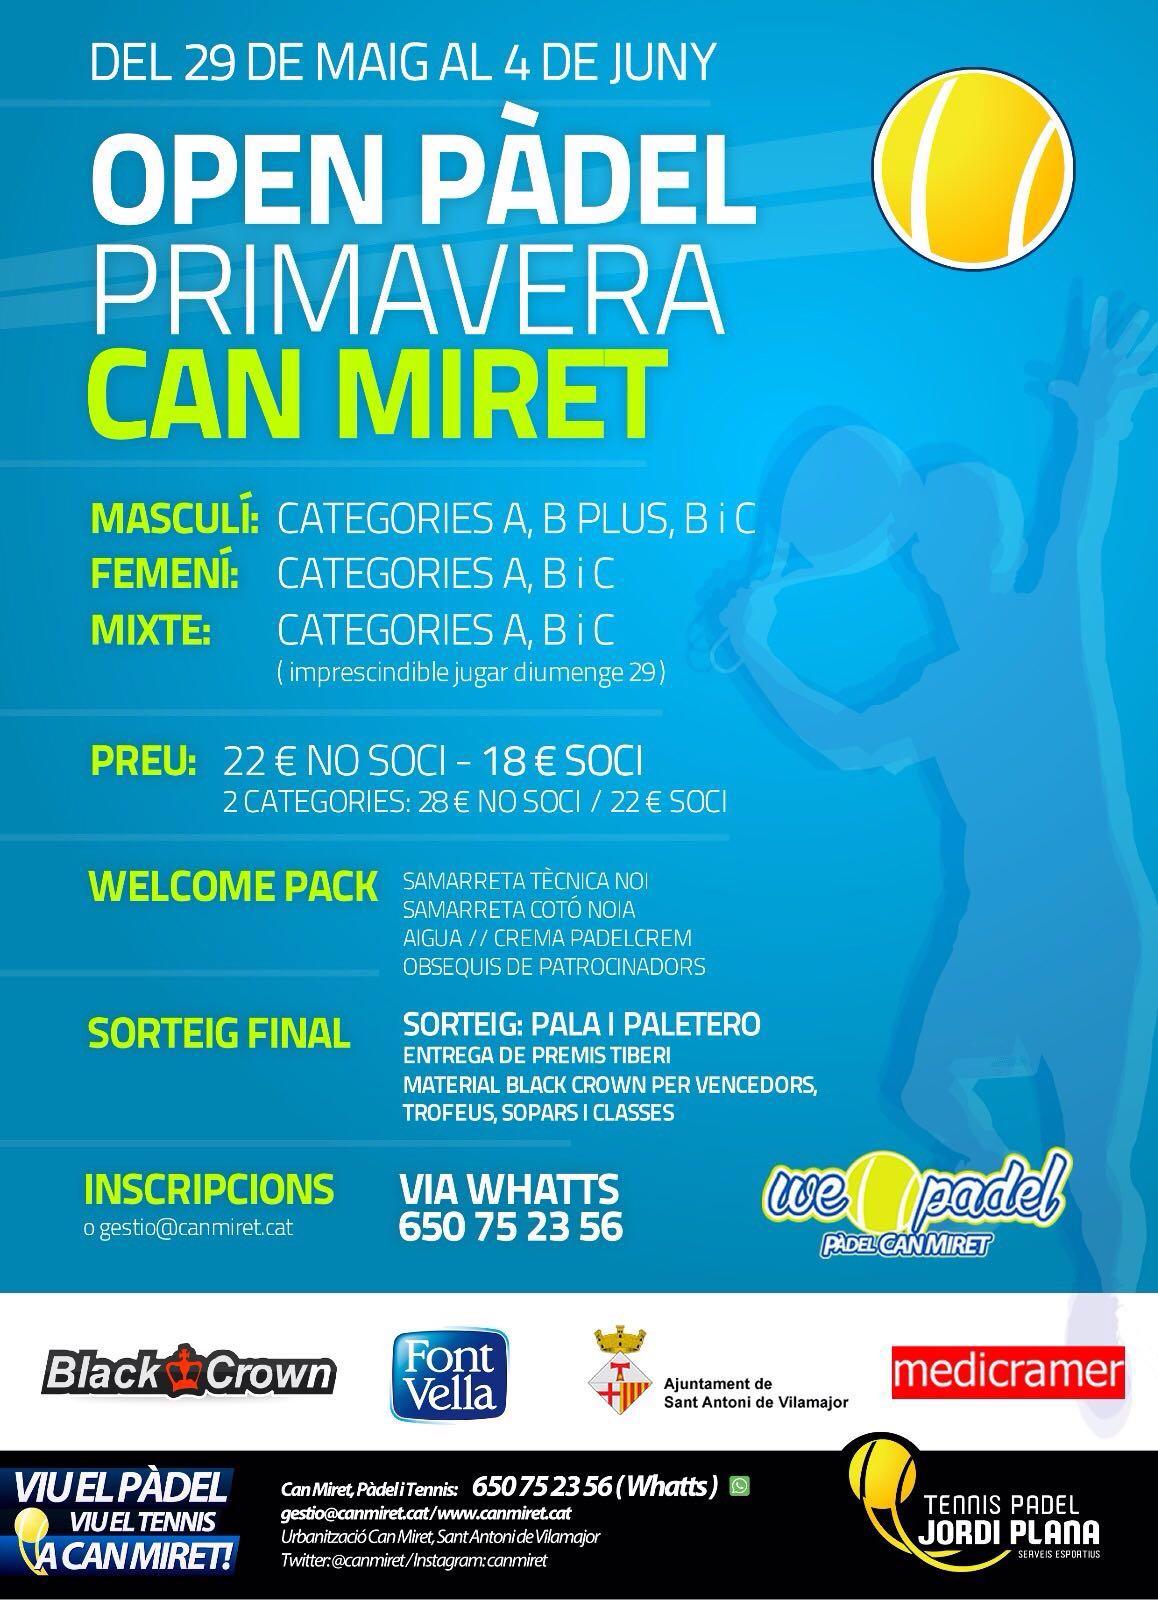 CanMiret